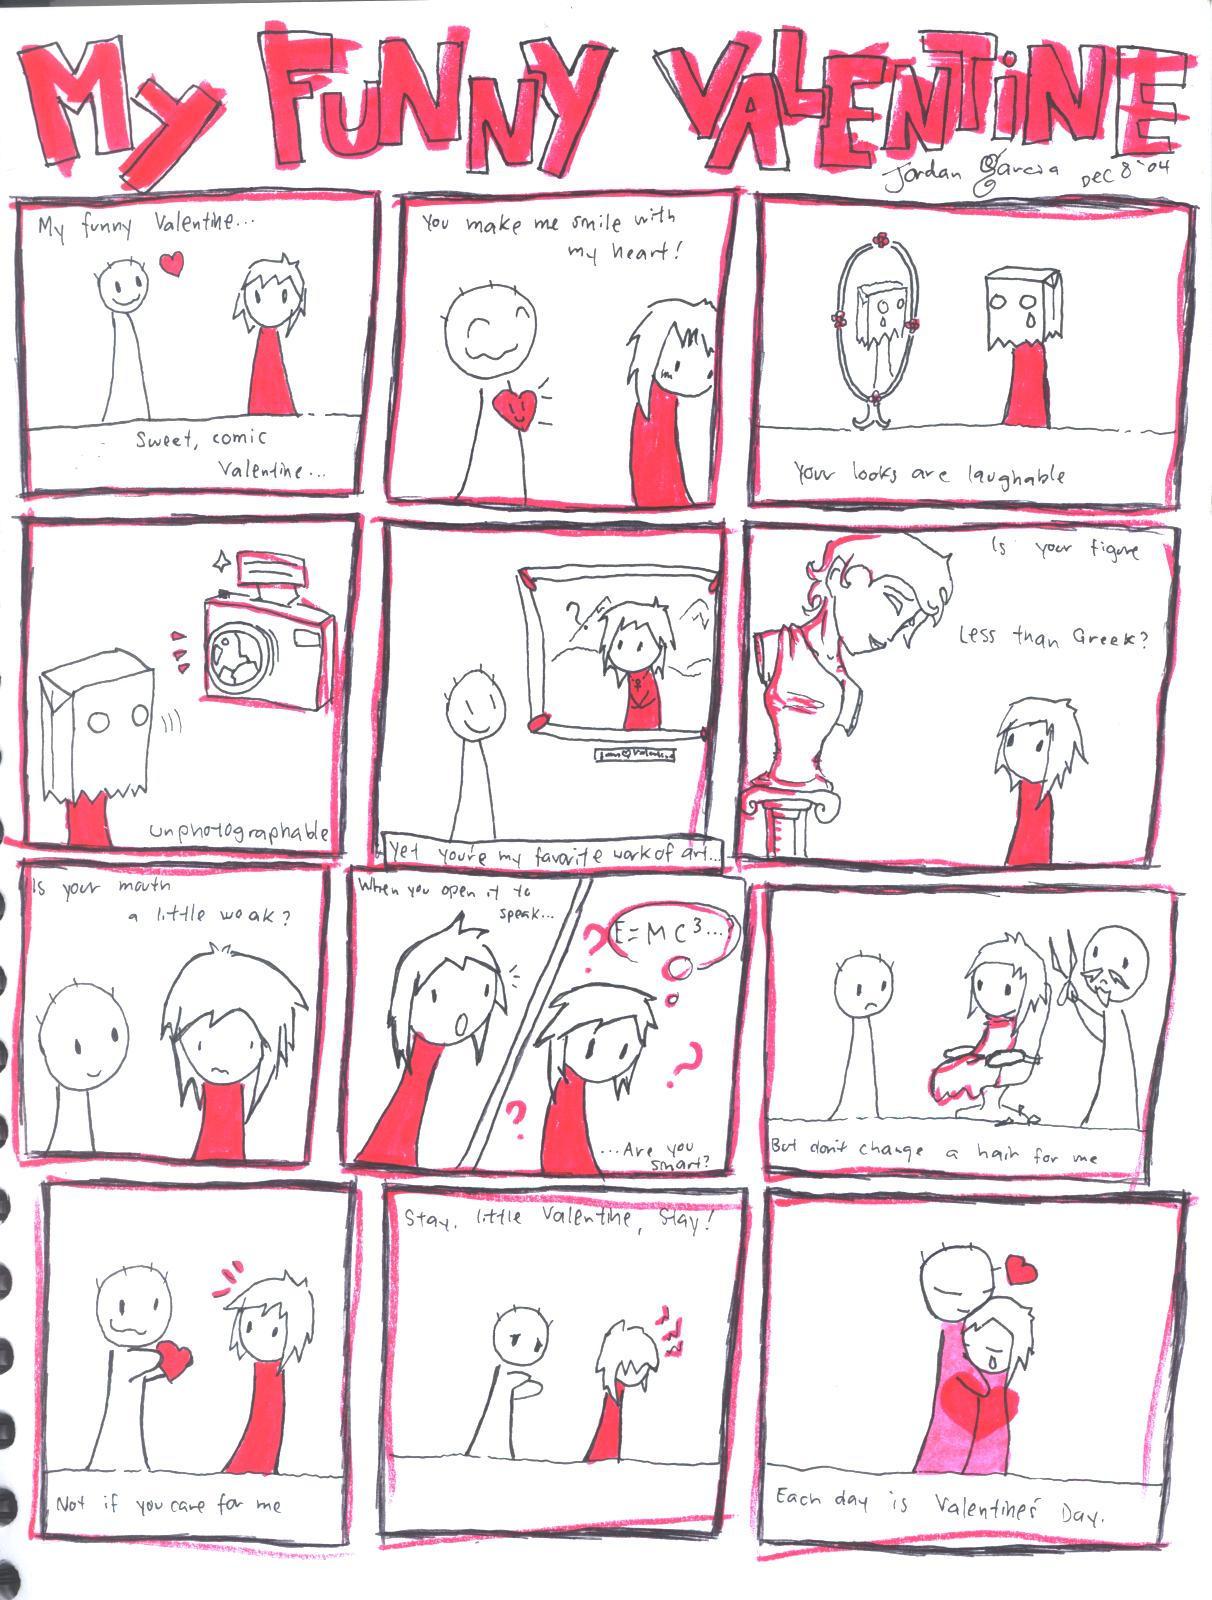 ... My Funny Valentine... By MidniteBLAZE